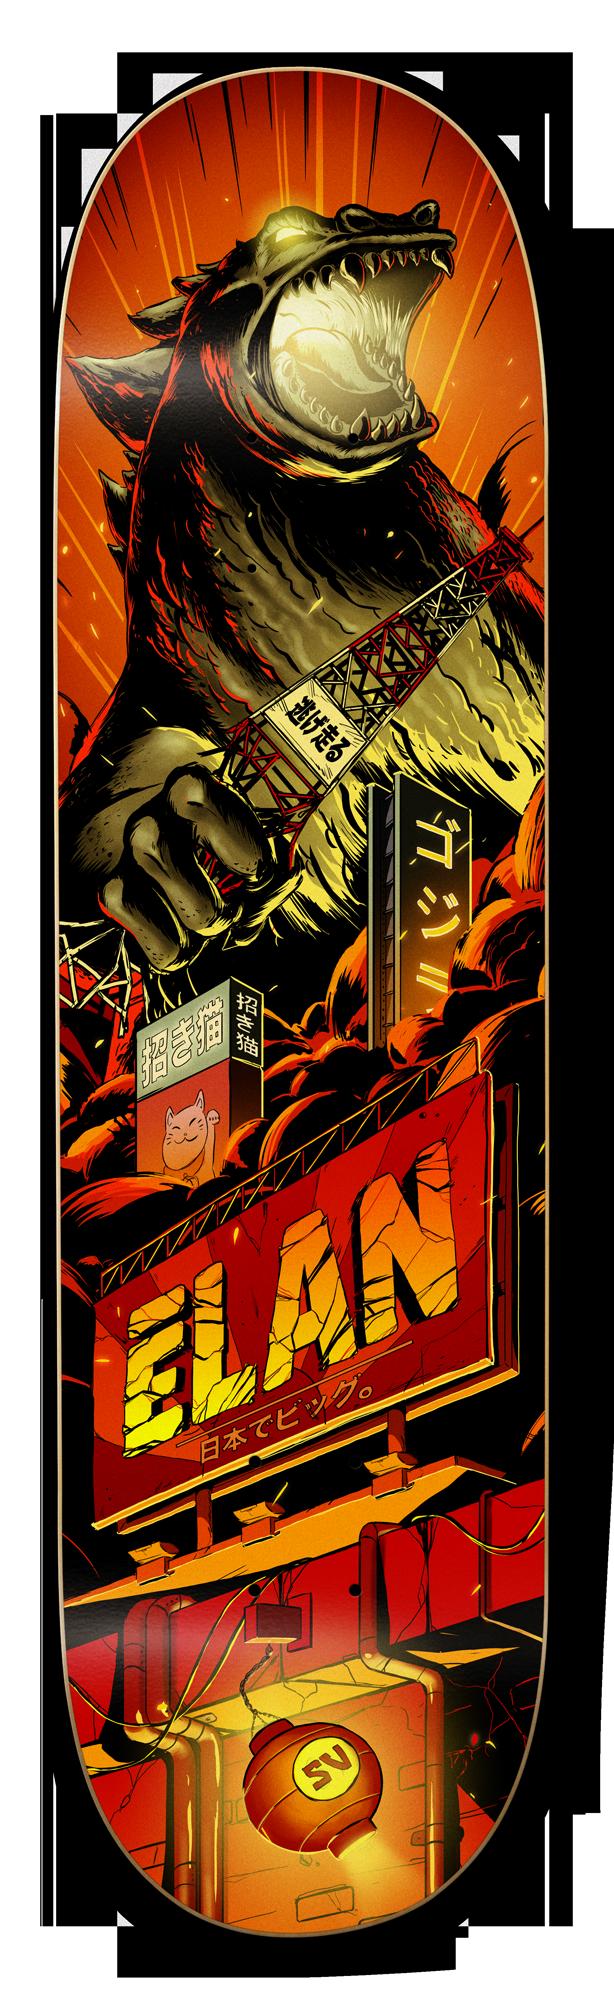 Élan, Godzilla